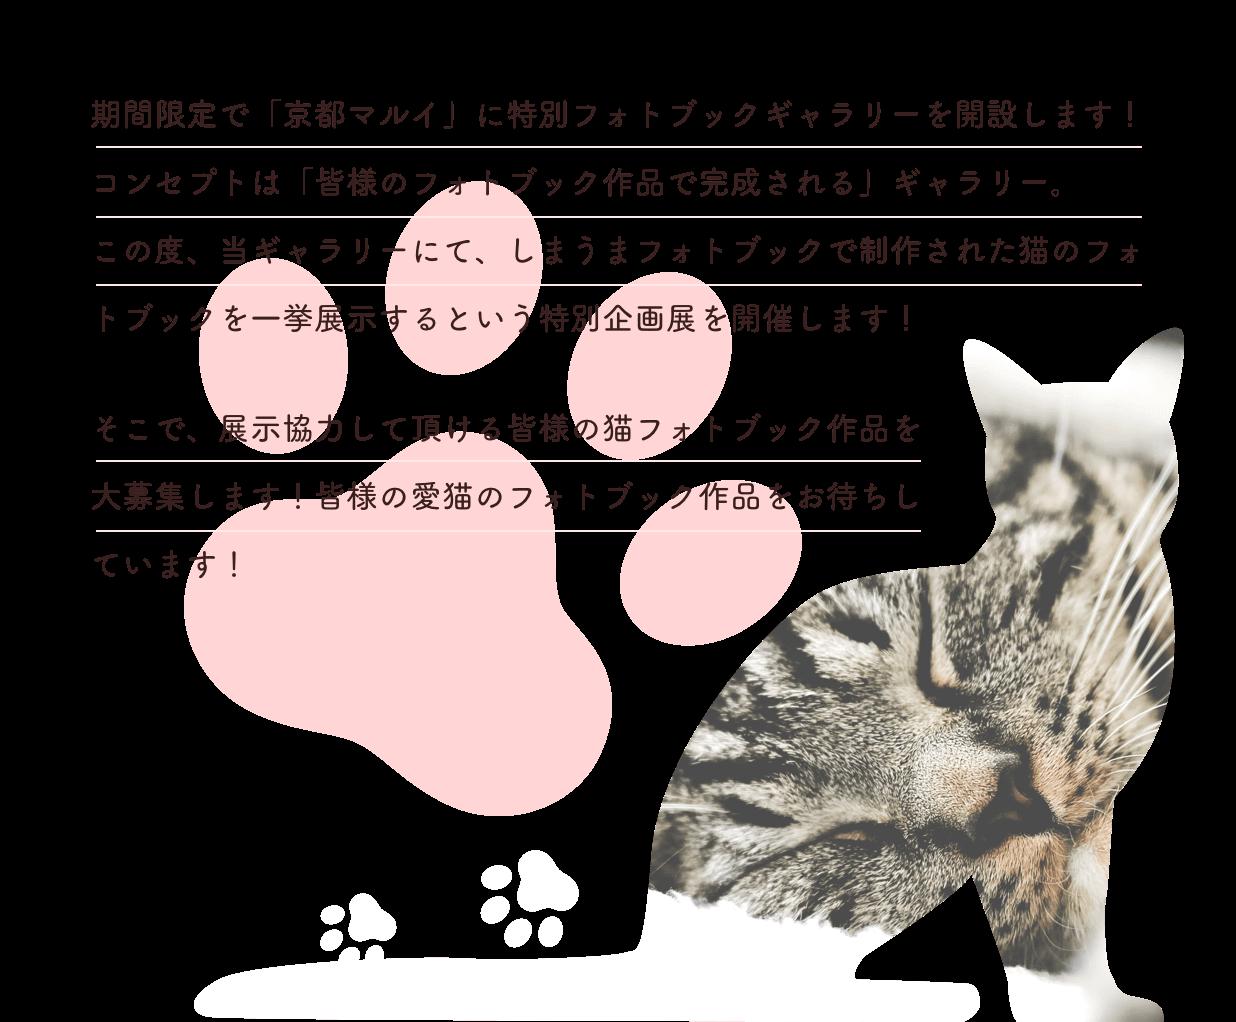 期間限定で「京都マルイ」に特別フォトブックギャラリーを開設します!